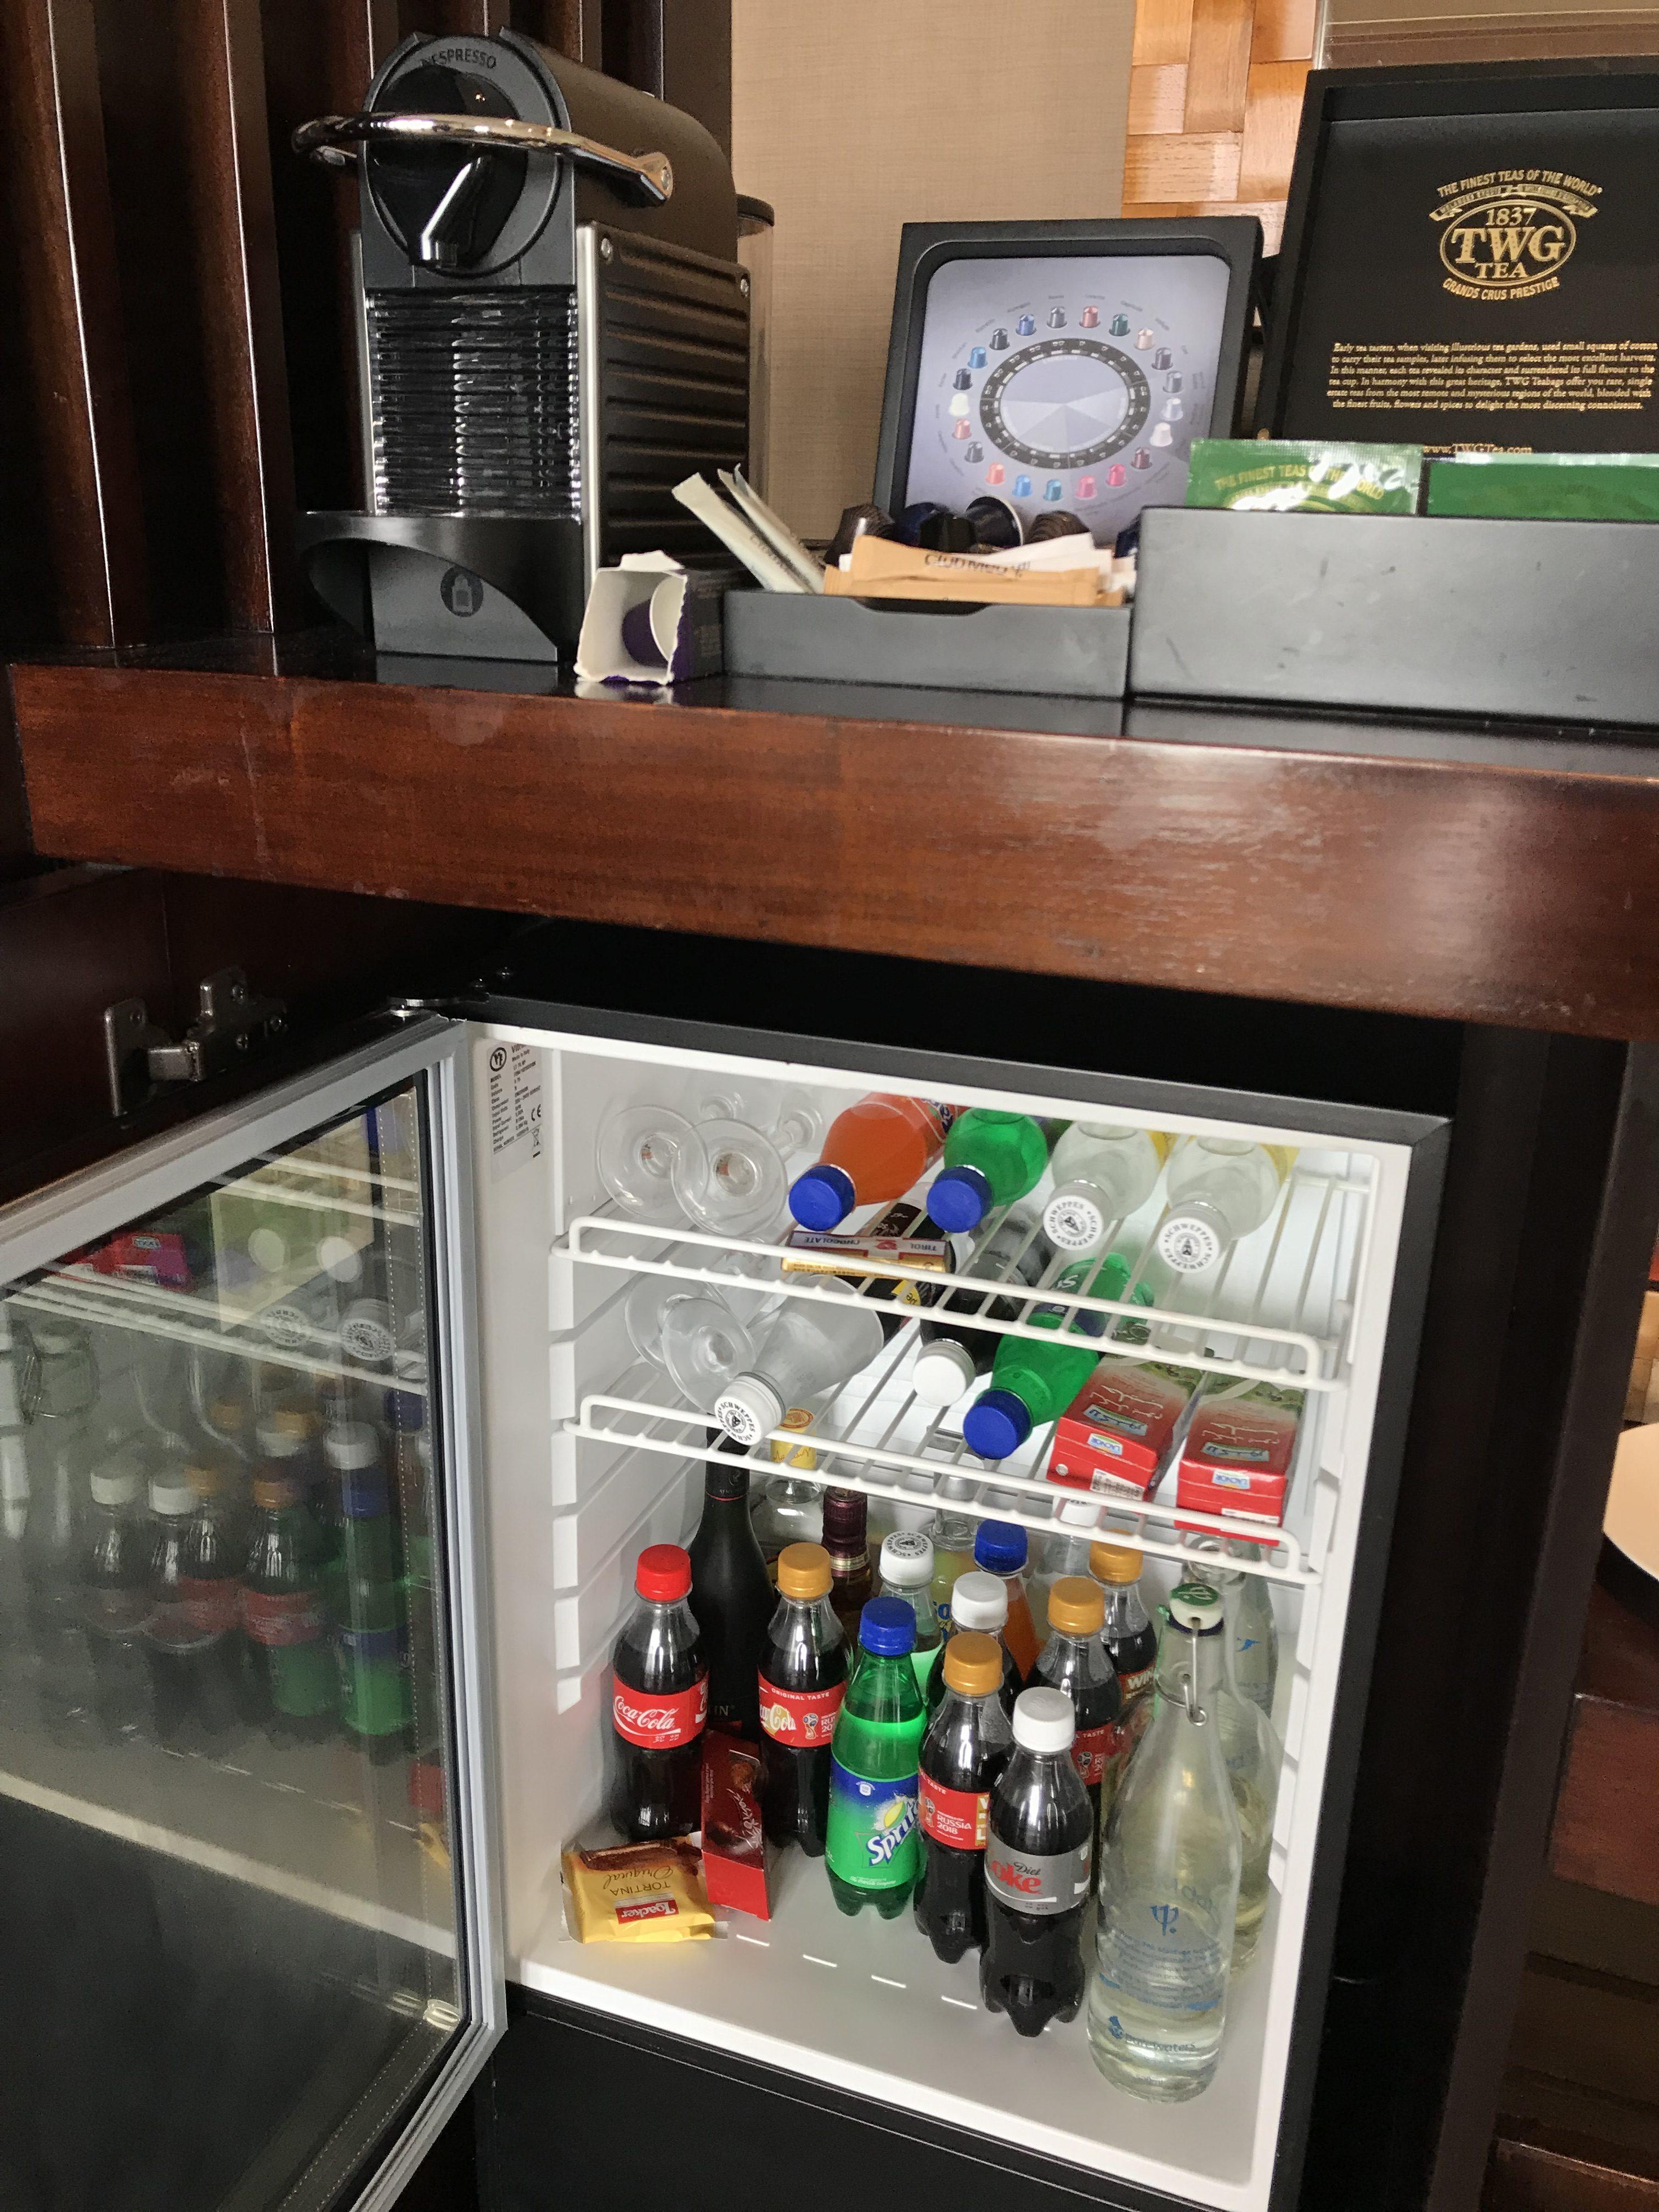 クラブメッドフィノールの冷蔵庫